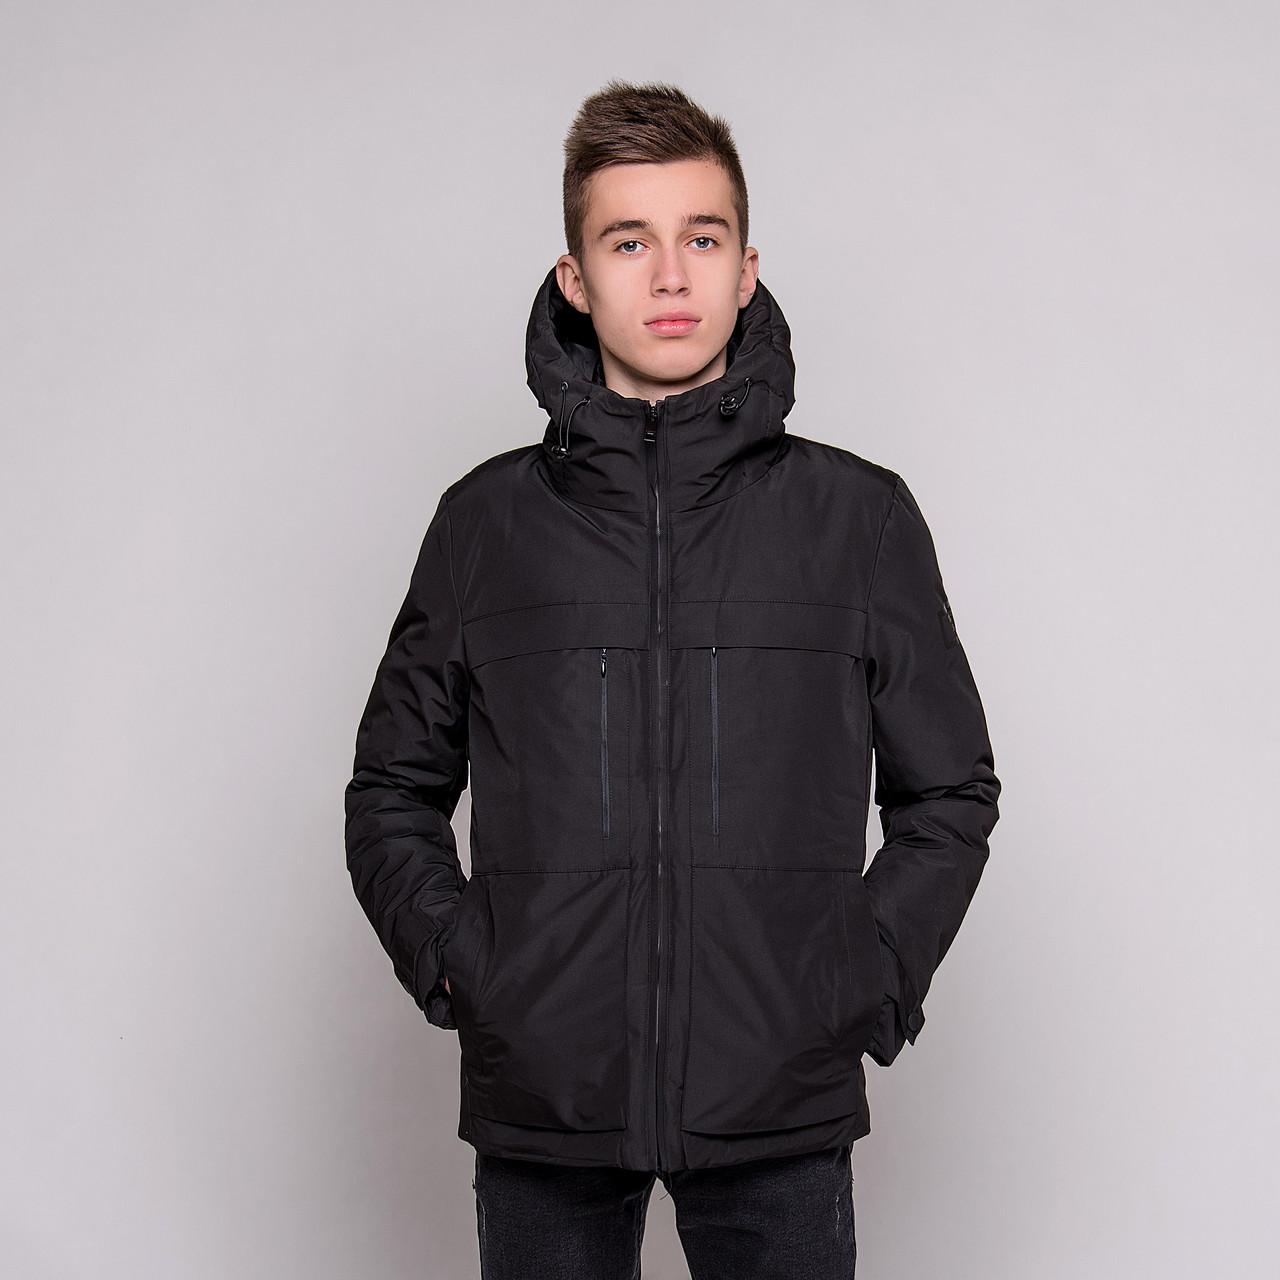 Чоловіча зимова куртка Burberry, чорного кольору.